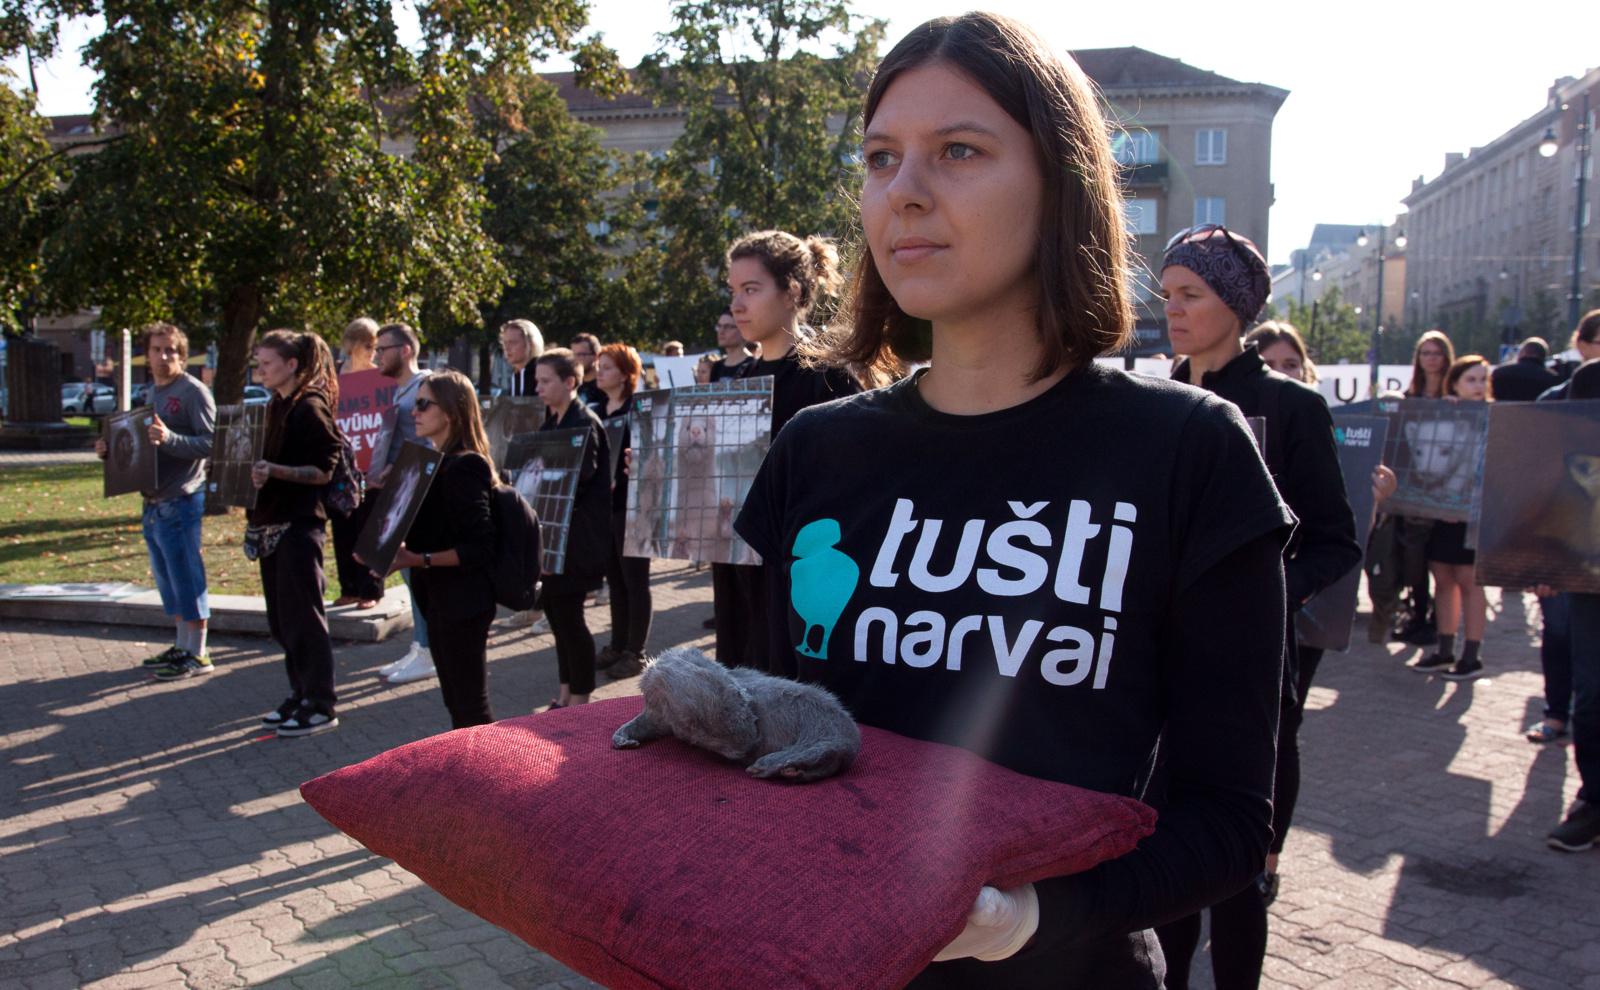 Naujausia apklausa: 8 iš 10 lietuvių nepritaria gyvūnų žudymui dėl kailio